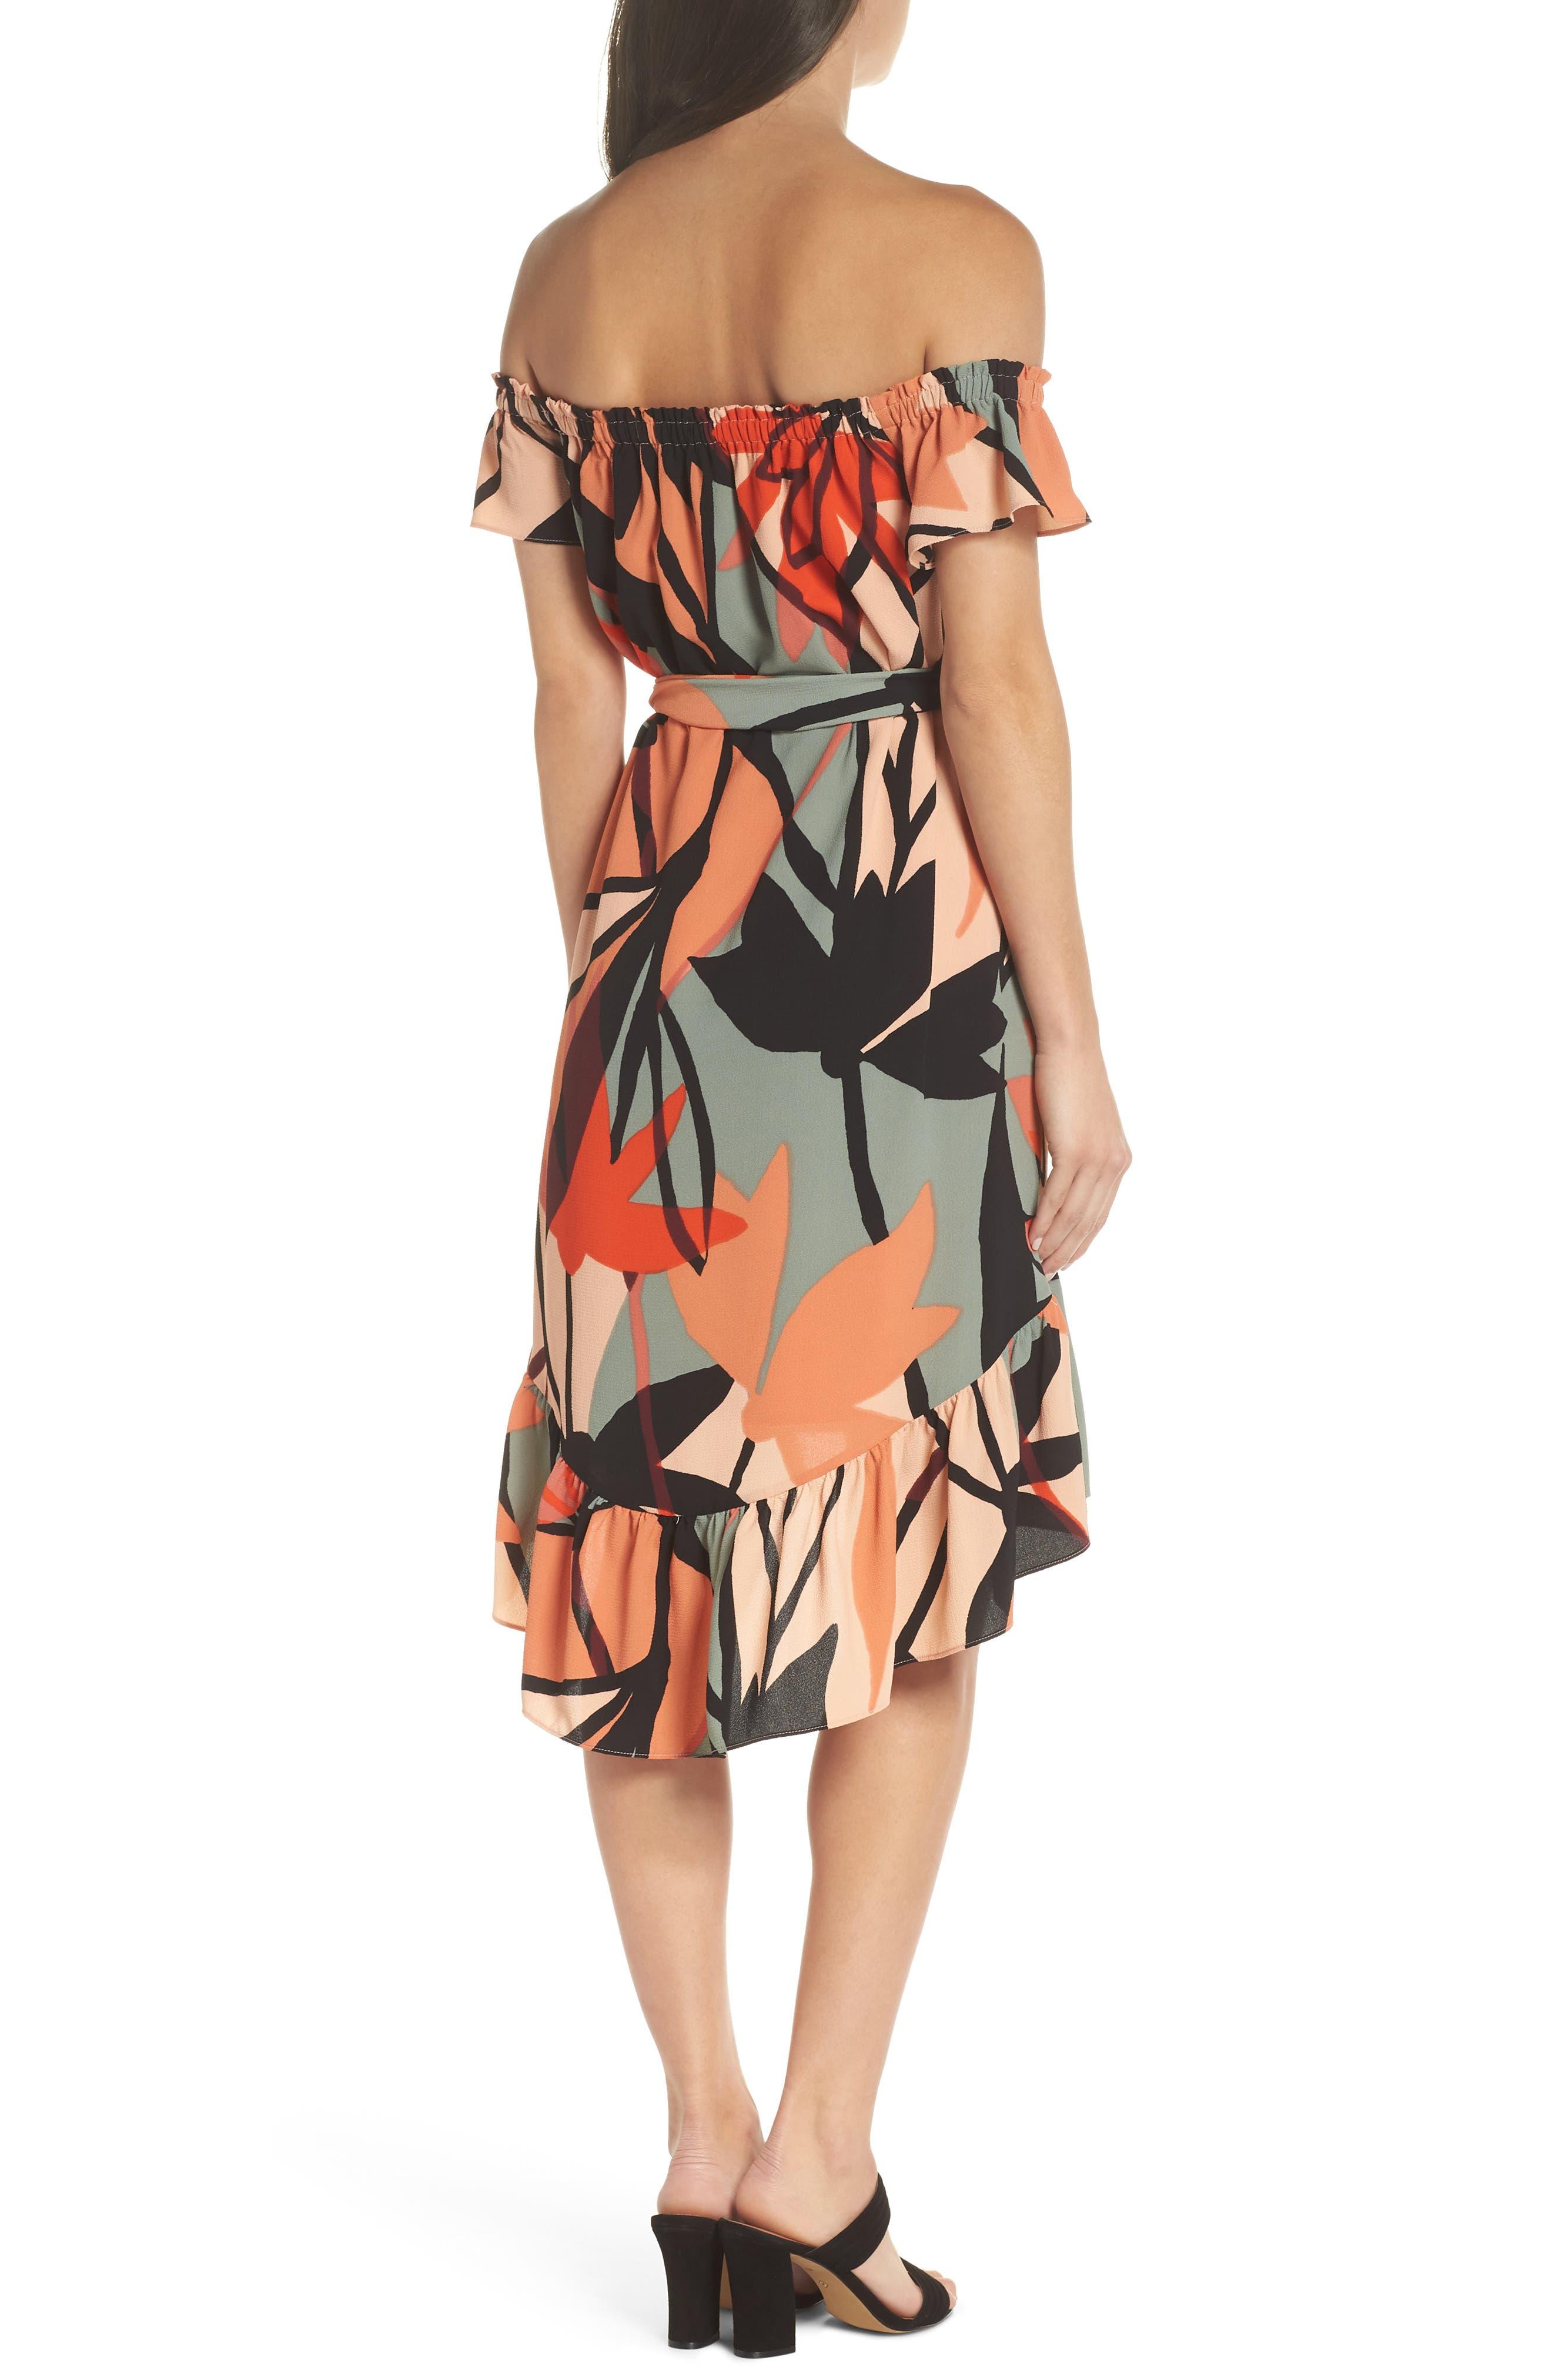 Off the Shoulder Bubble Crepe Dress,                             Alternate thumbnail 2, color,                             Peach / Black